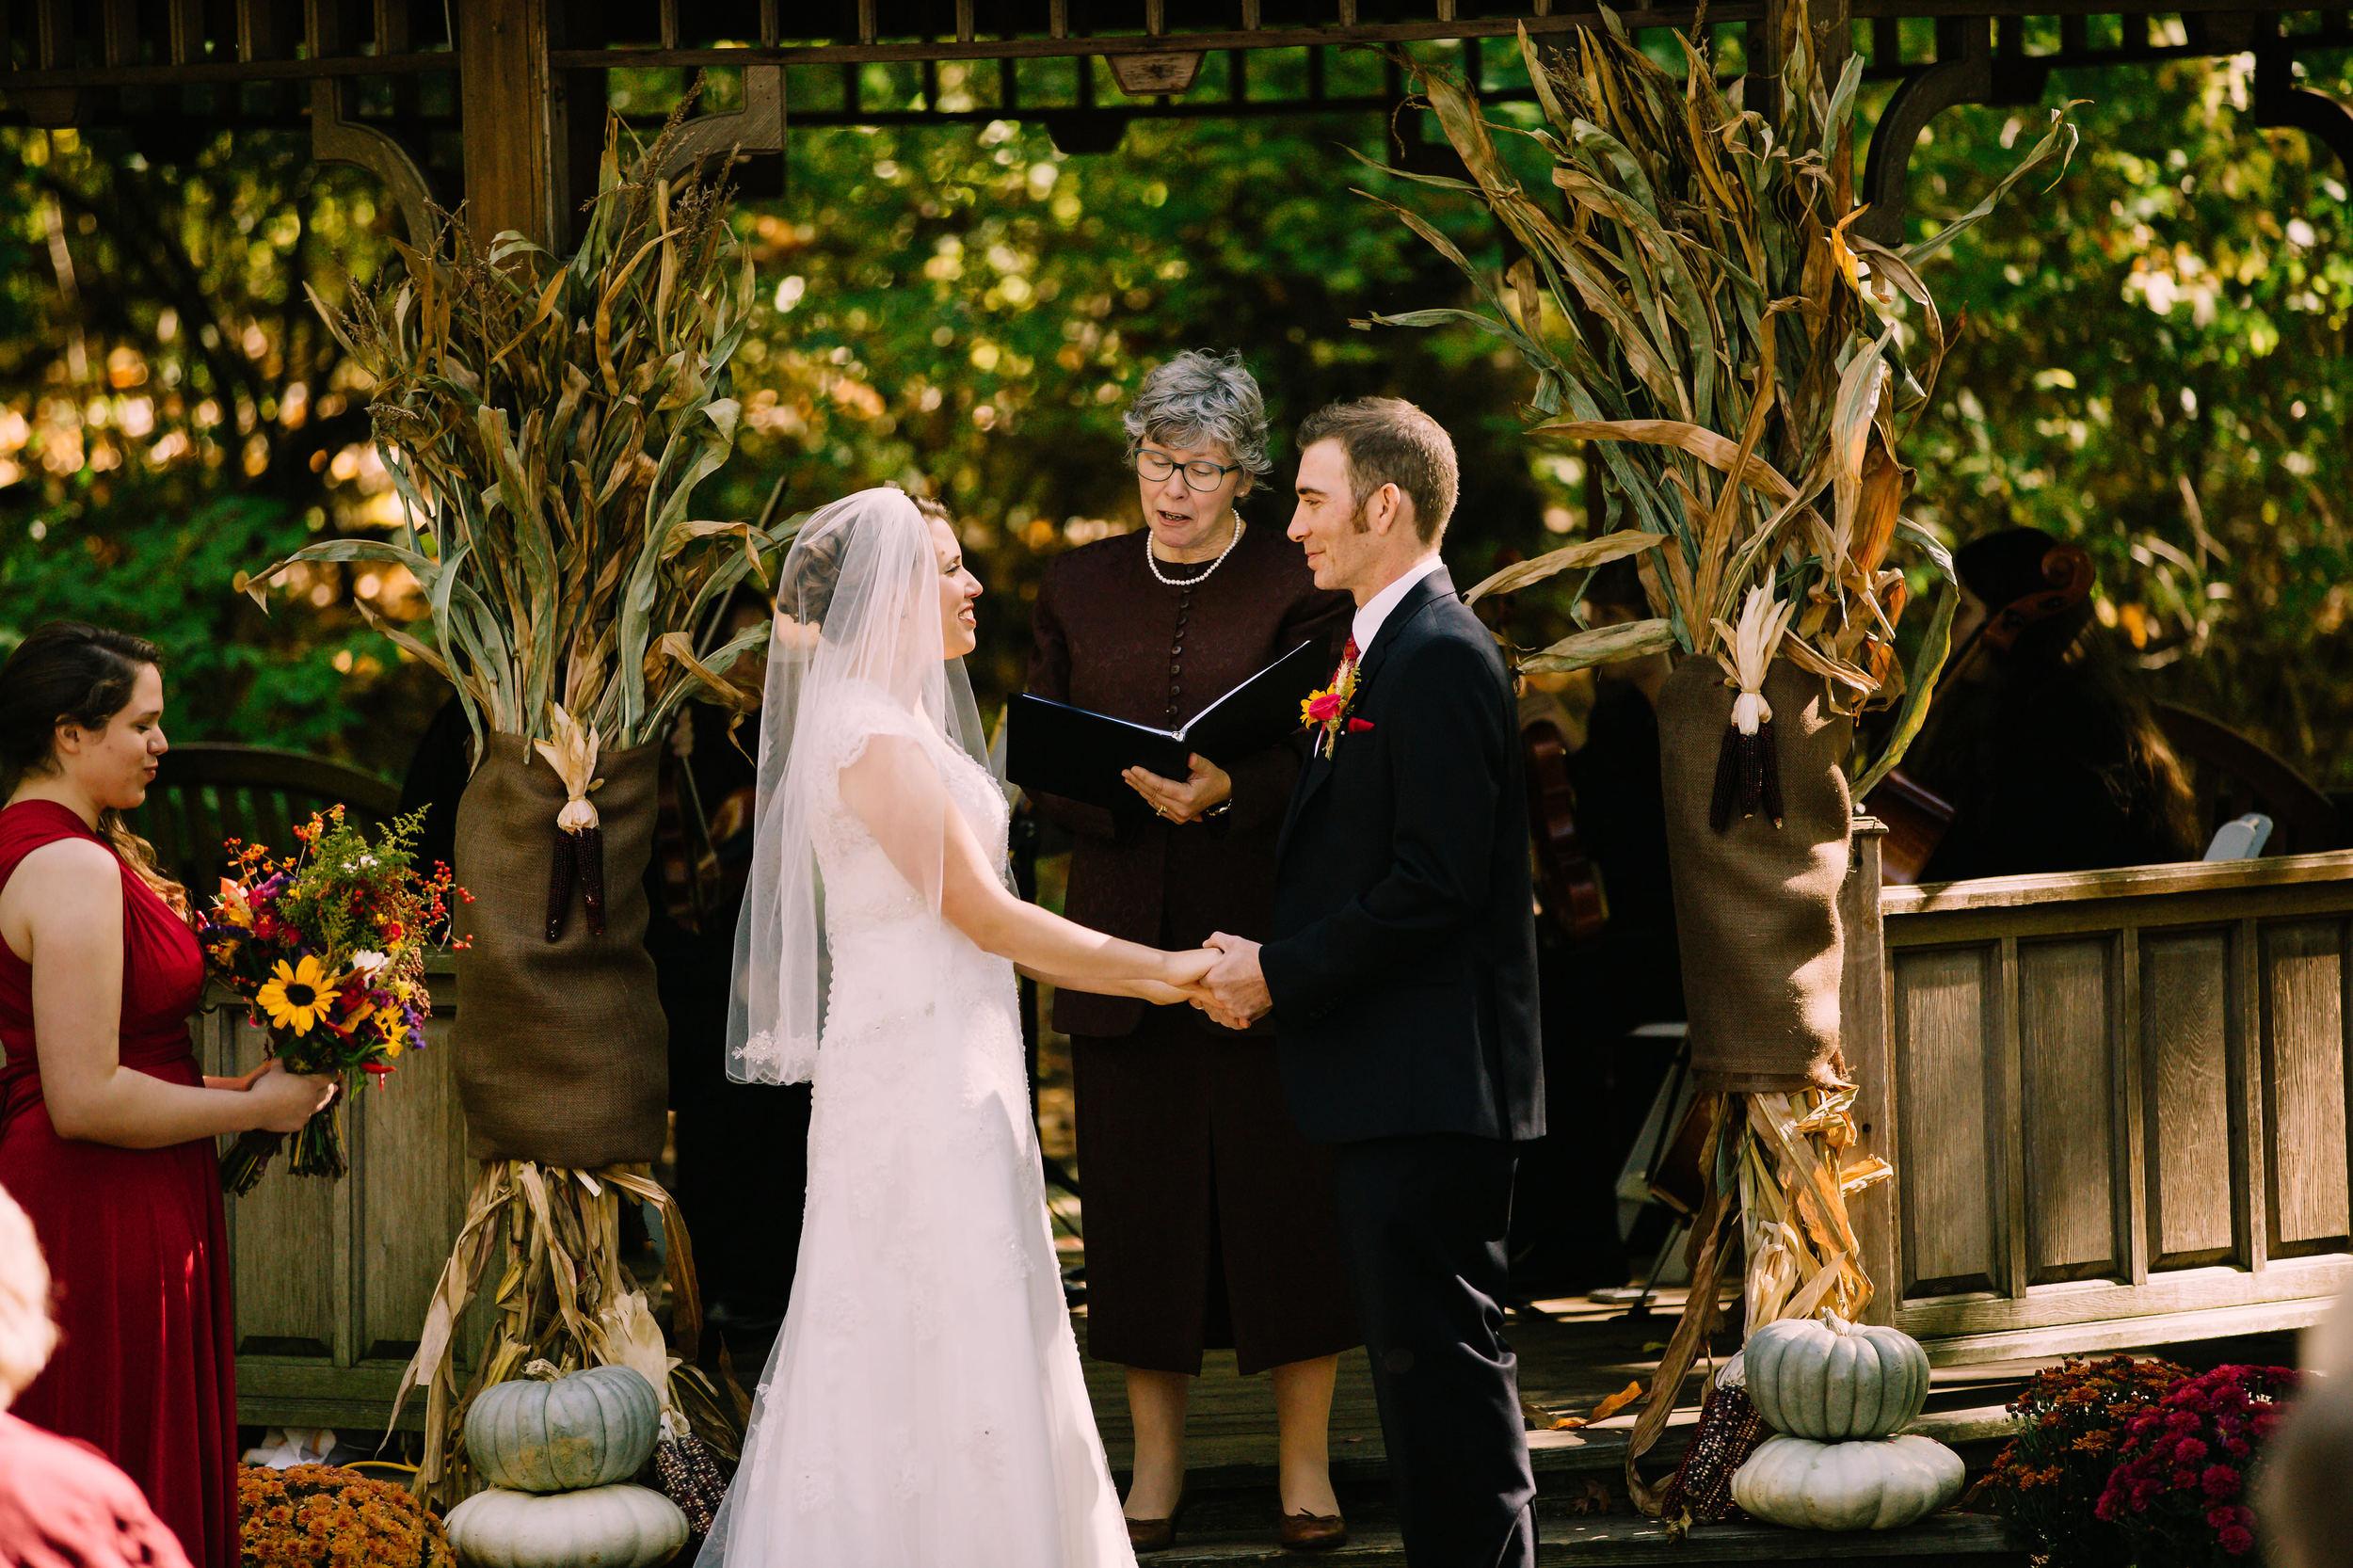 Outdoor wedding ceremony at Wildwood Metropark in October